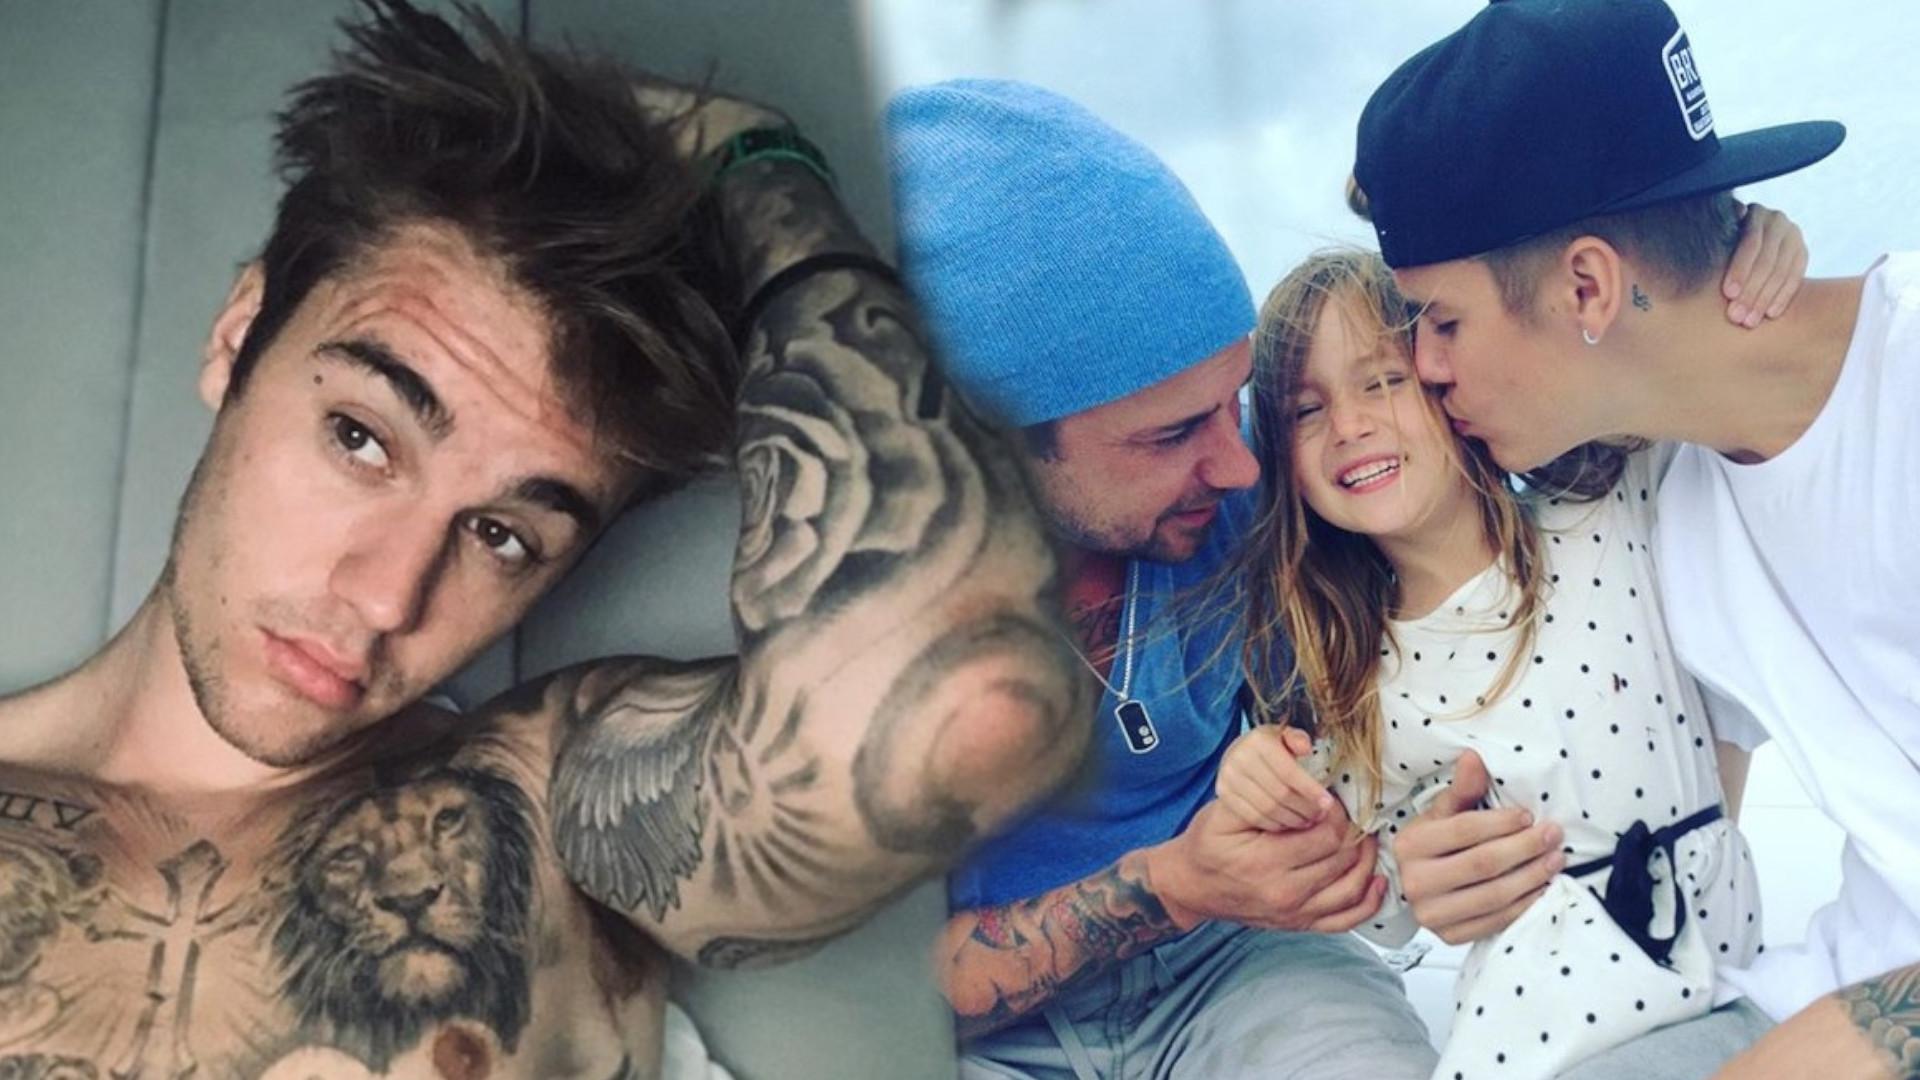 Rodzeństwo Justina Biebera jest już takie DUŻE! Artysta odwiedził rodzinny dom w Kanadzie